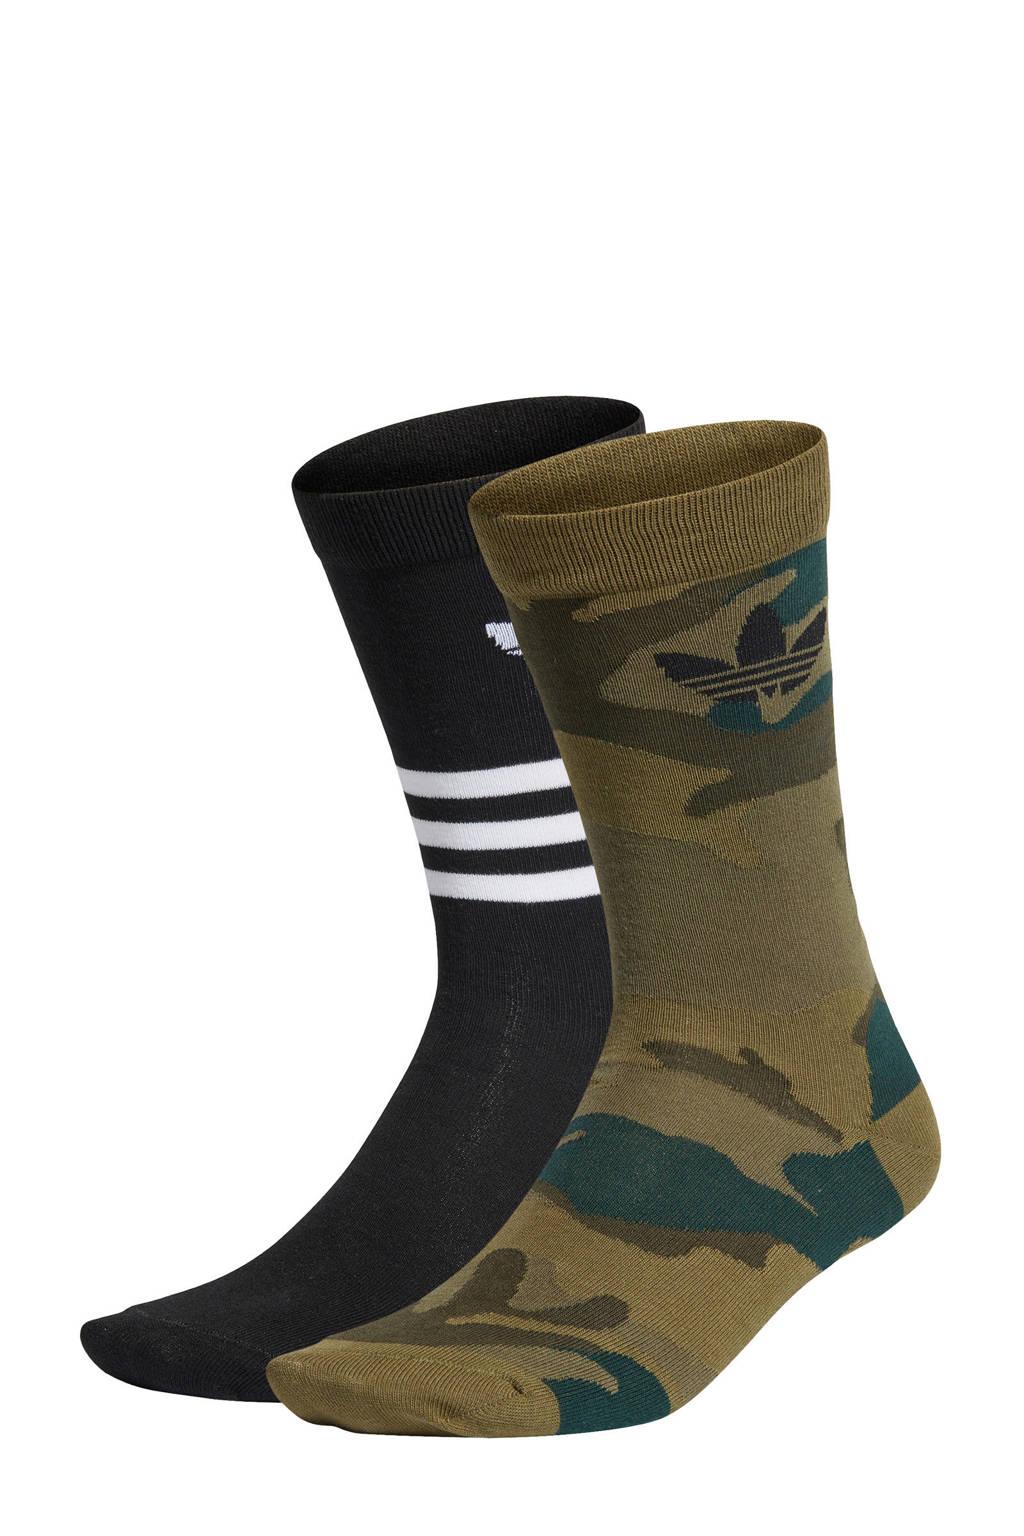 adidas Originals   sokken kaki/zwart (set van 2), Groen/zwart